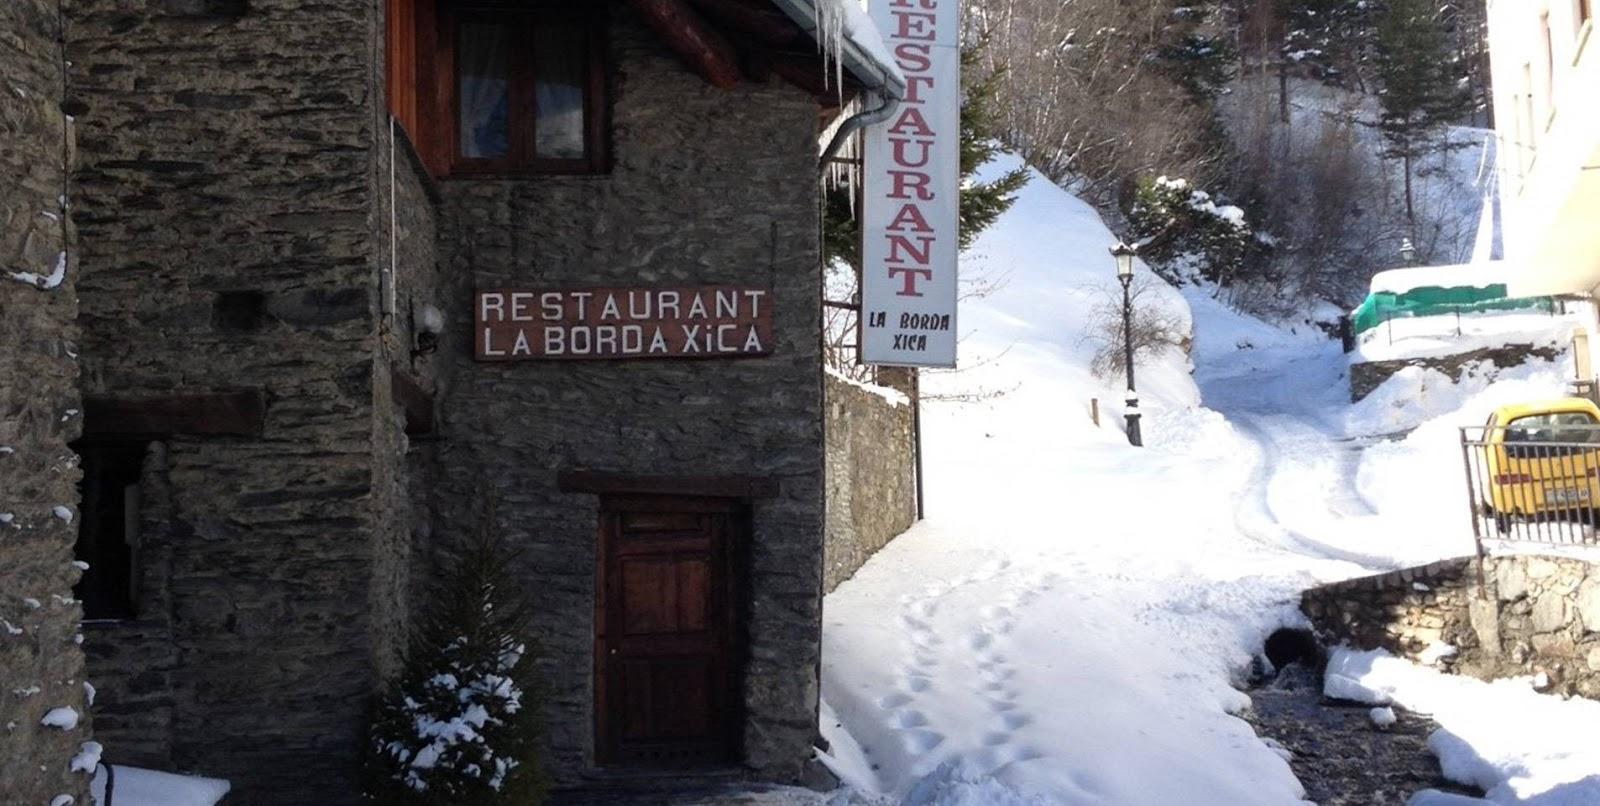 Restaurante La Borda Xica, Andorra